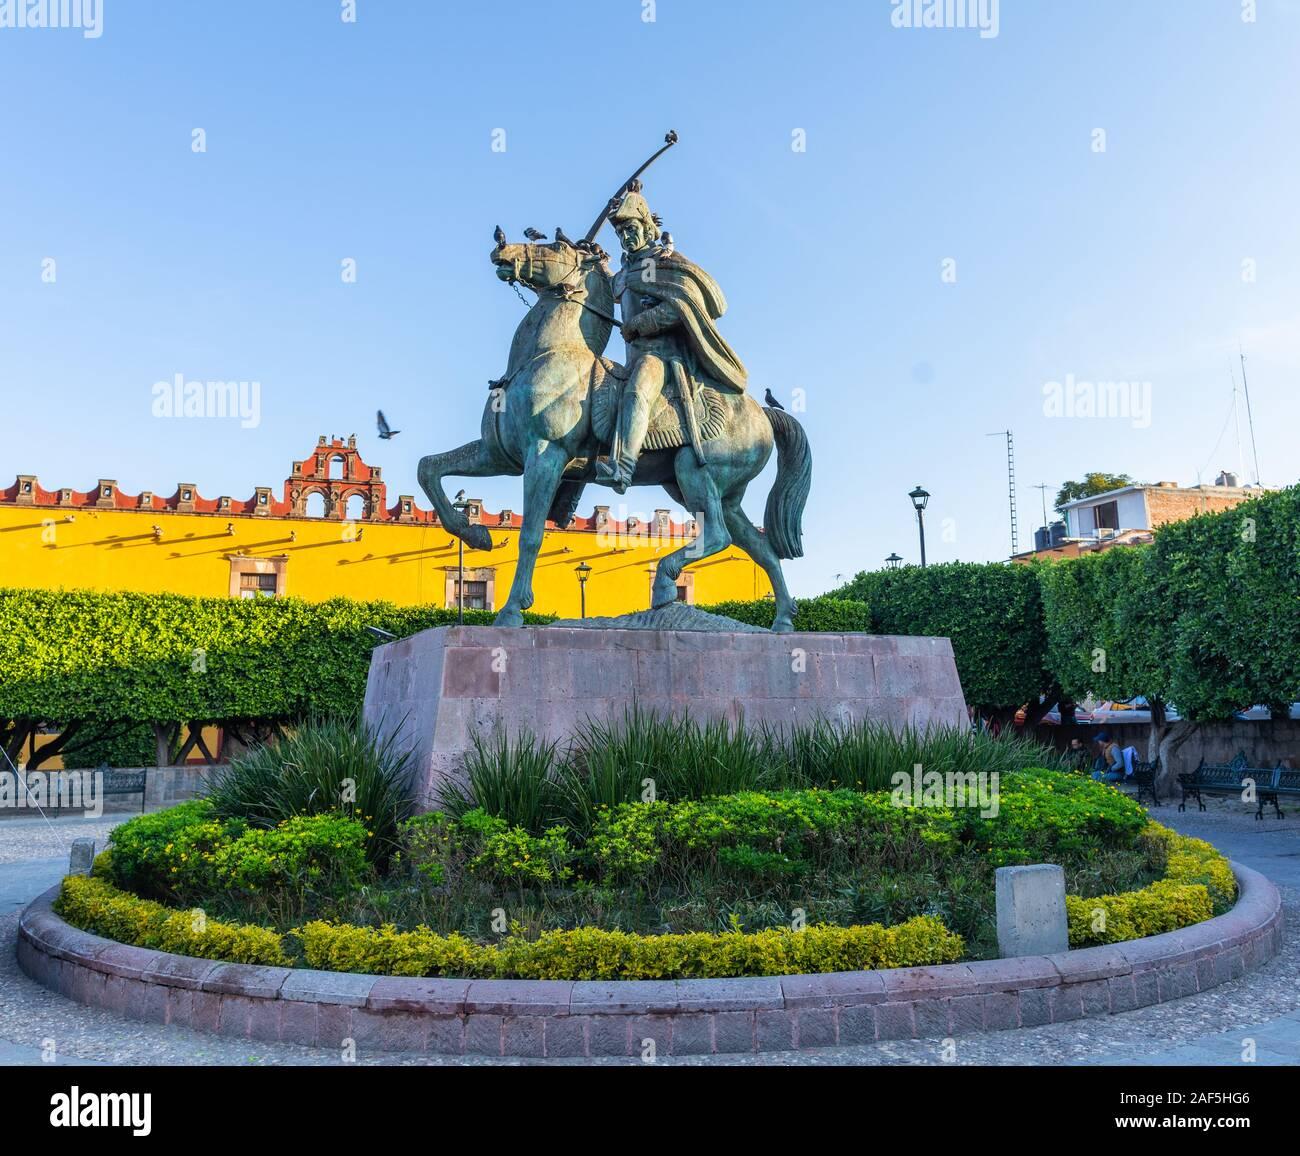 Statue de l'indépendance mexicaine Hero Ignacio Allende à San Miguel de Allende, Guanajuato, Mexique Banque D'Images